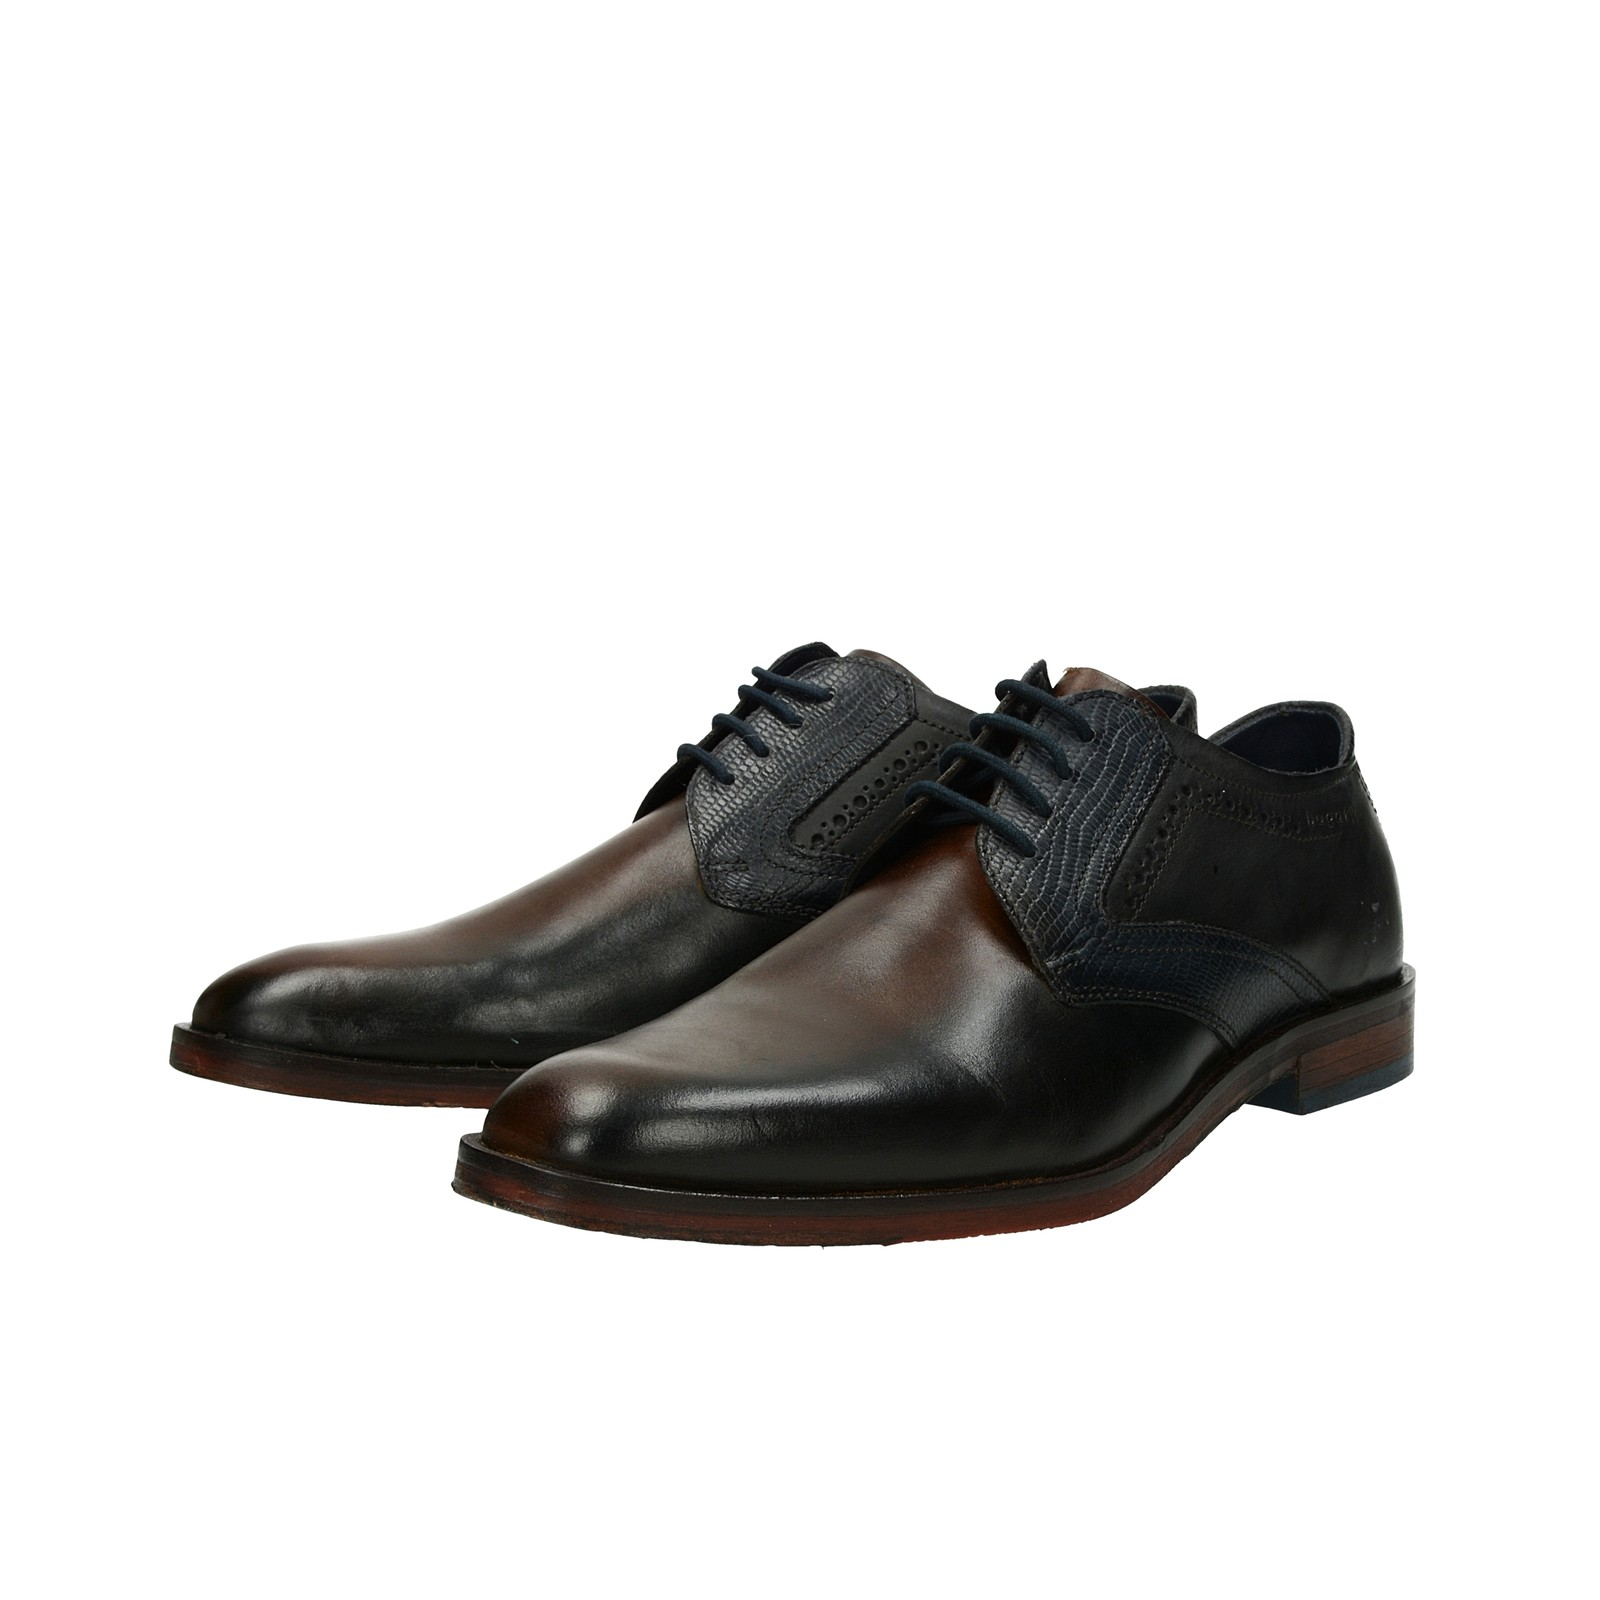 babcae892815 ... Bugatti pánske kožené spoločenské topánky - tmavohnedé ...